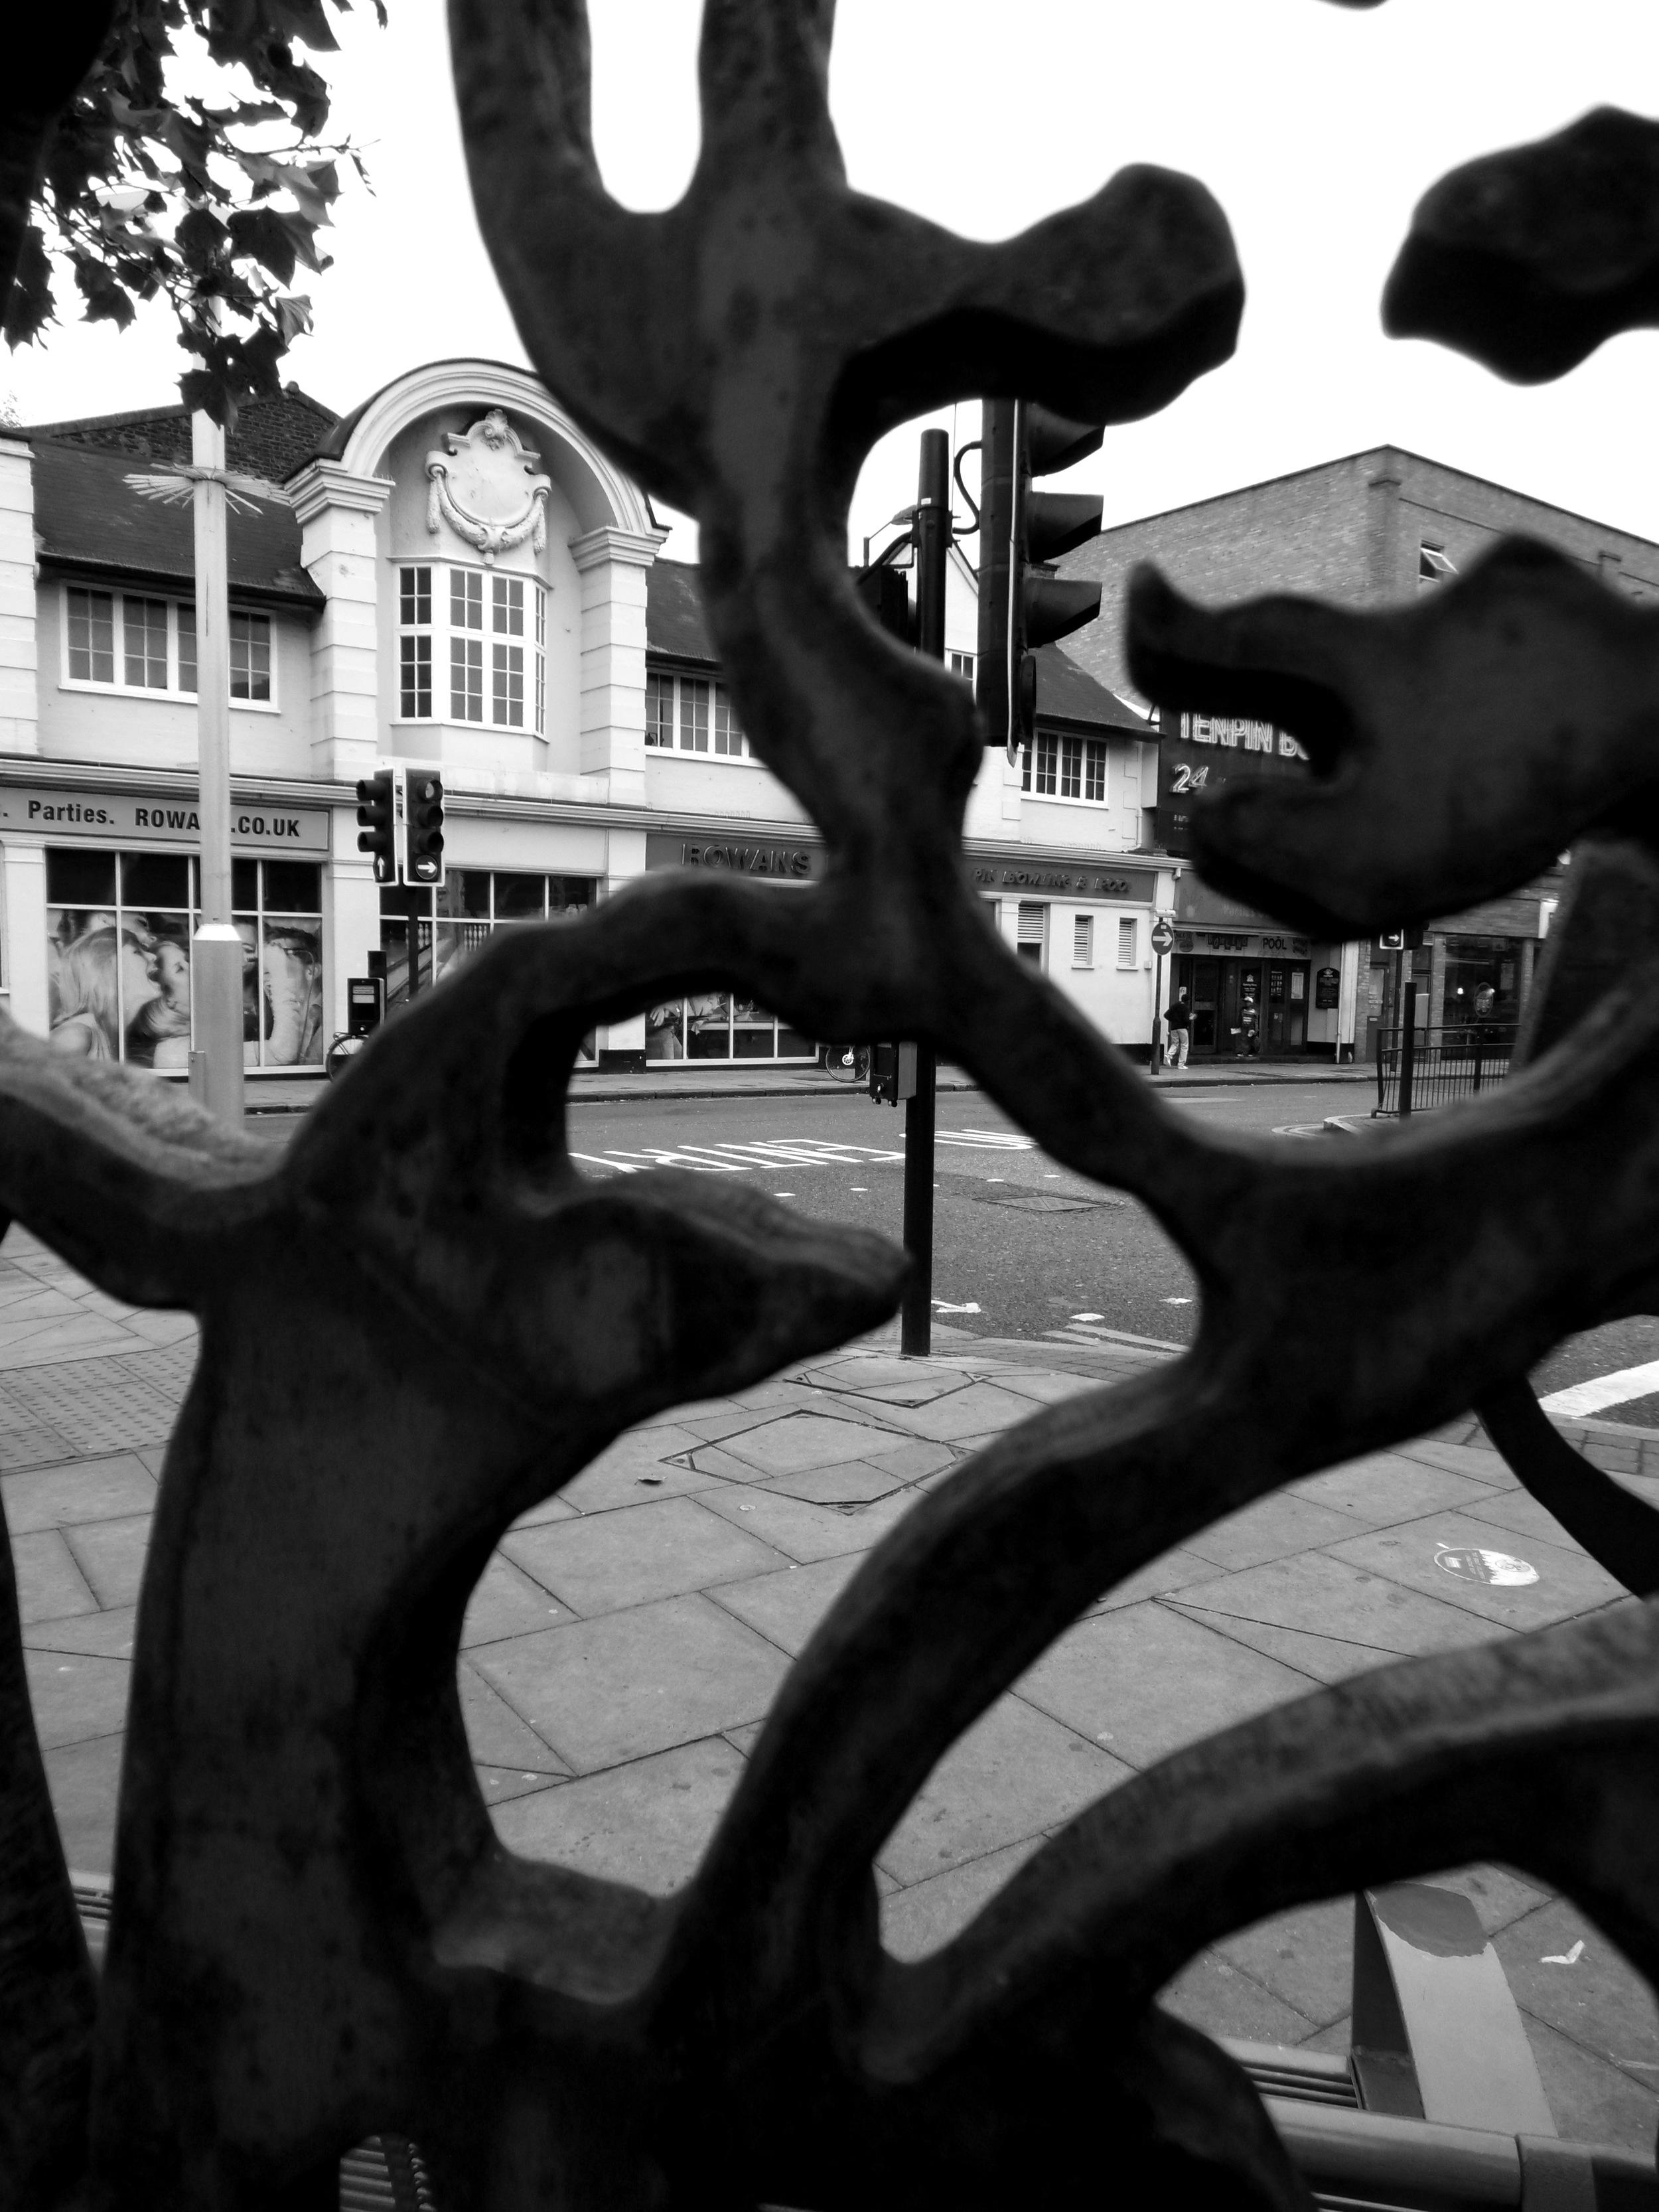 finsbury park (2).JPG